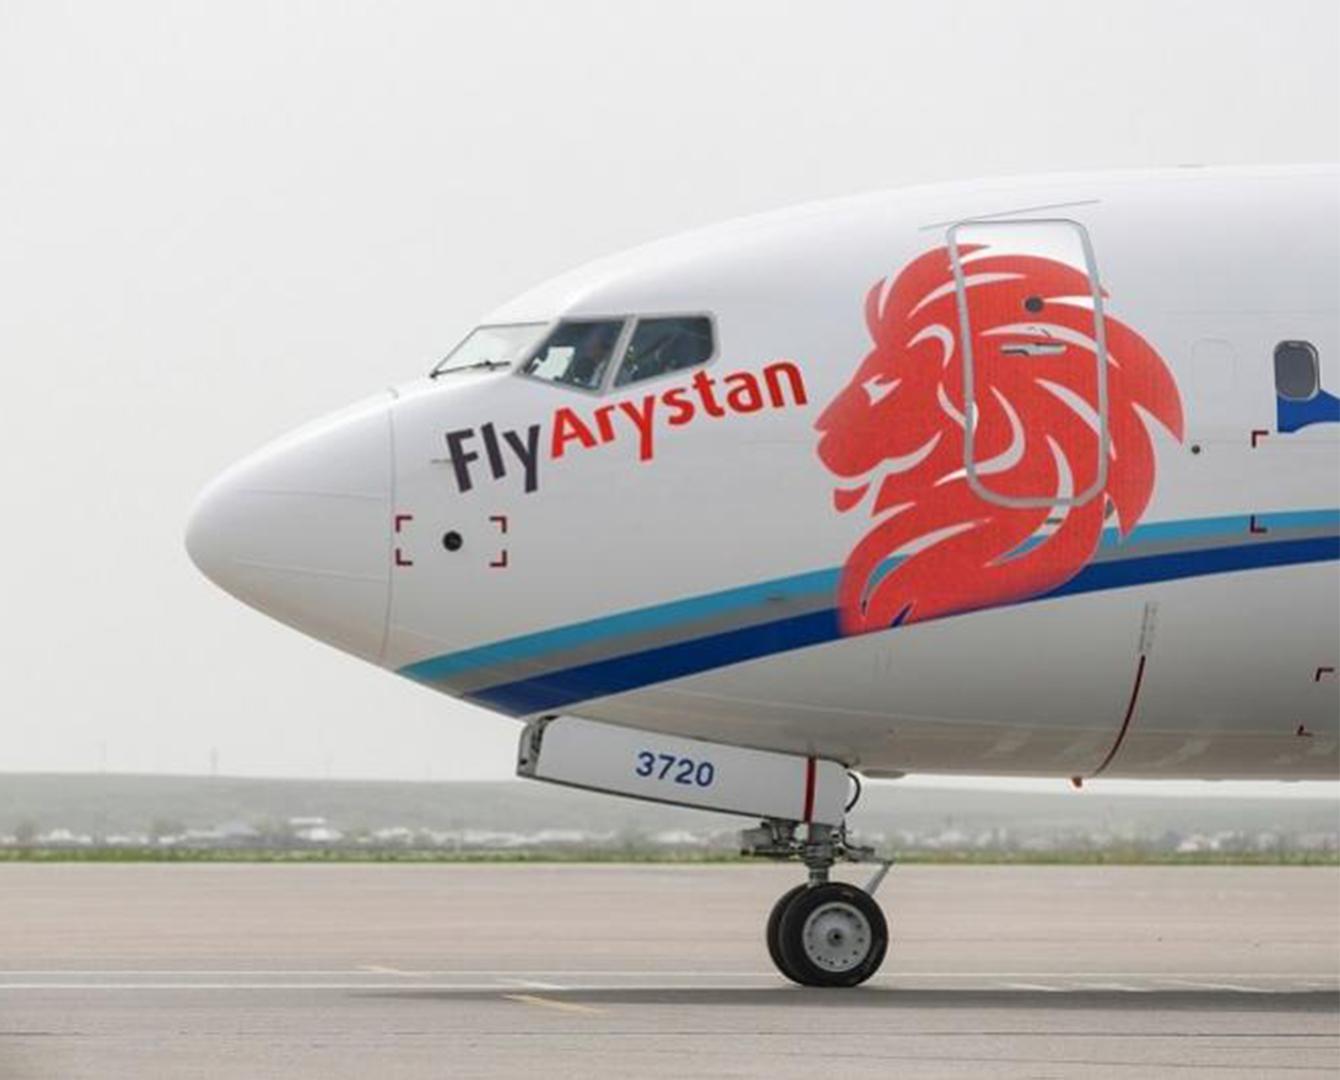 Новая авиакомпания FlyArystan планирует начать перевозки весной 2019 года